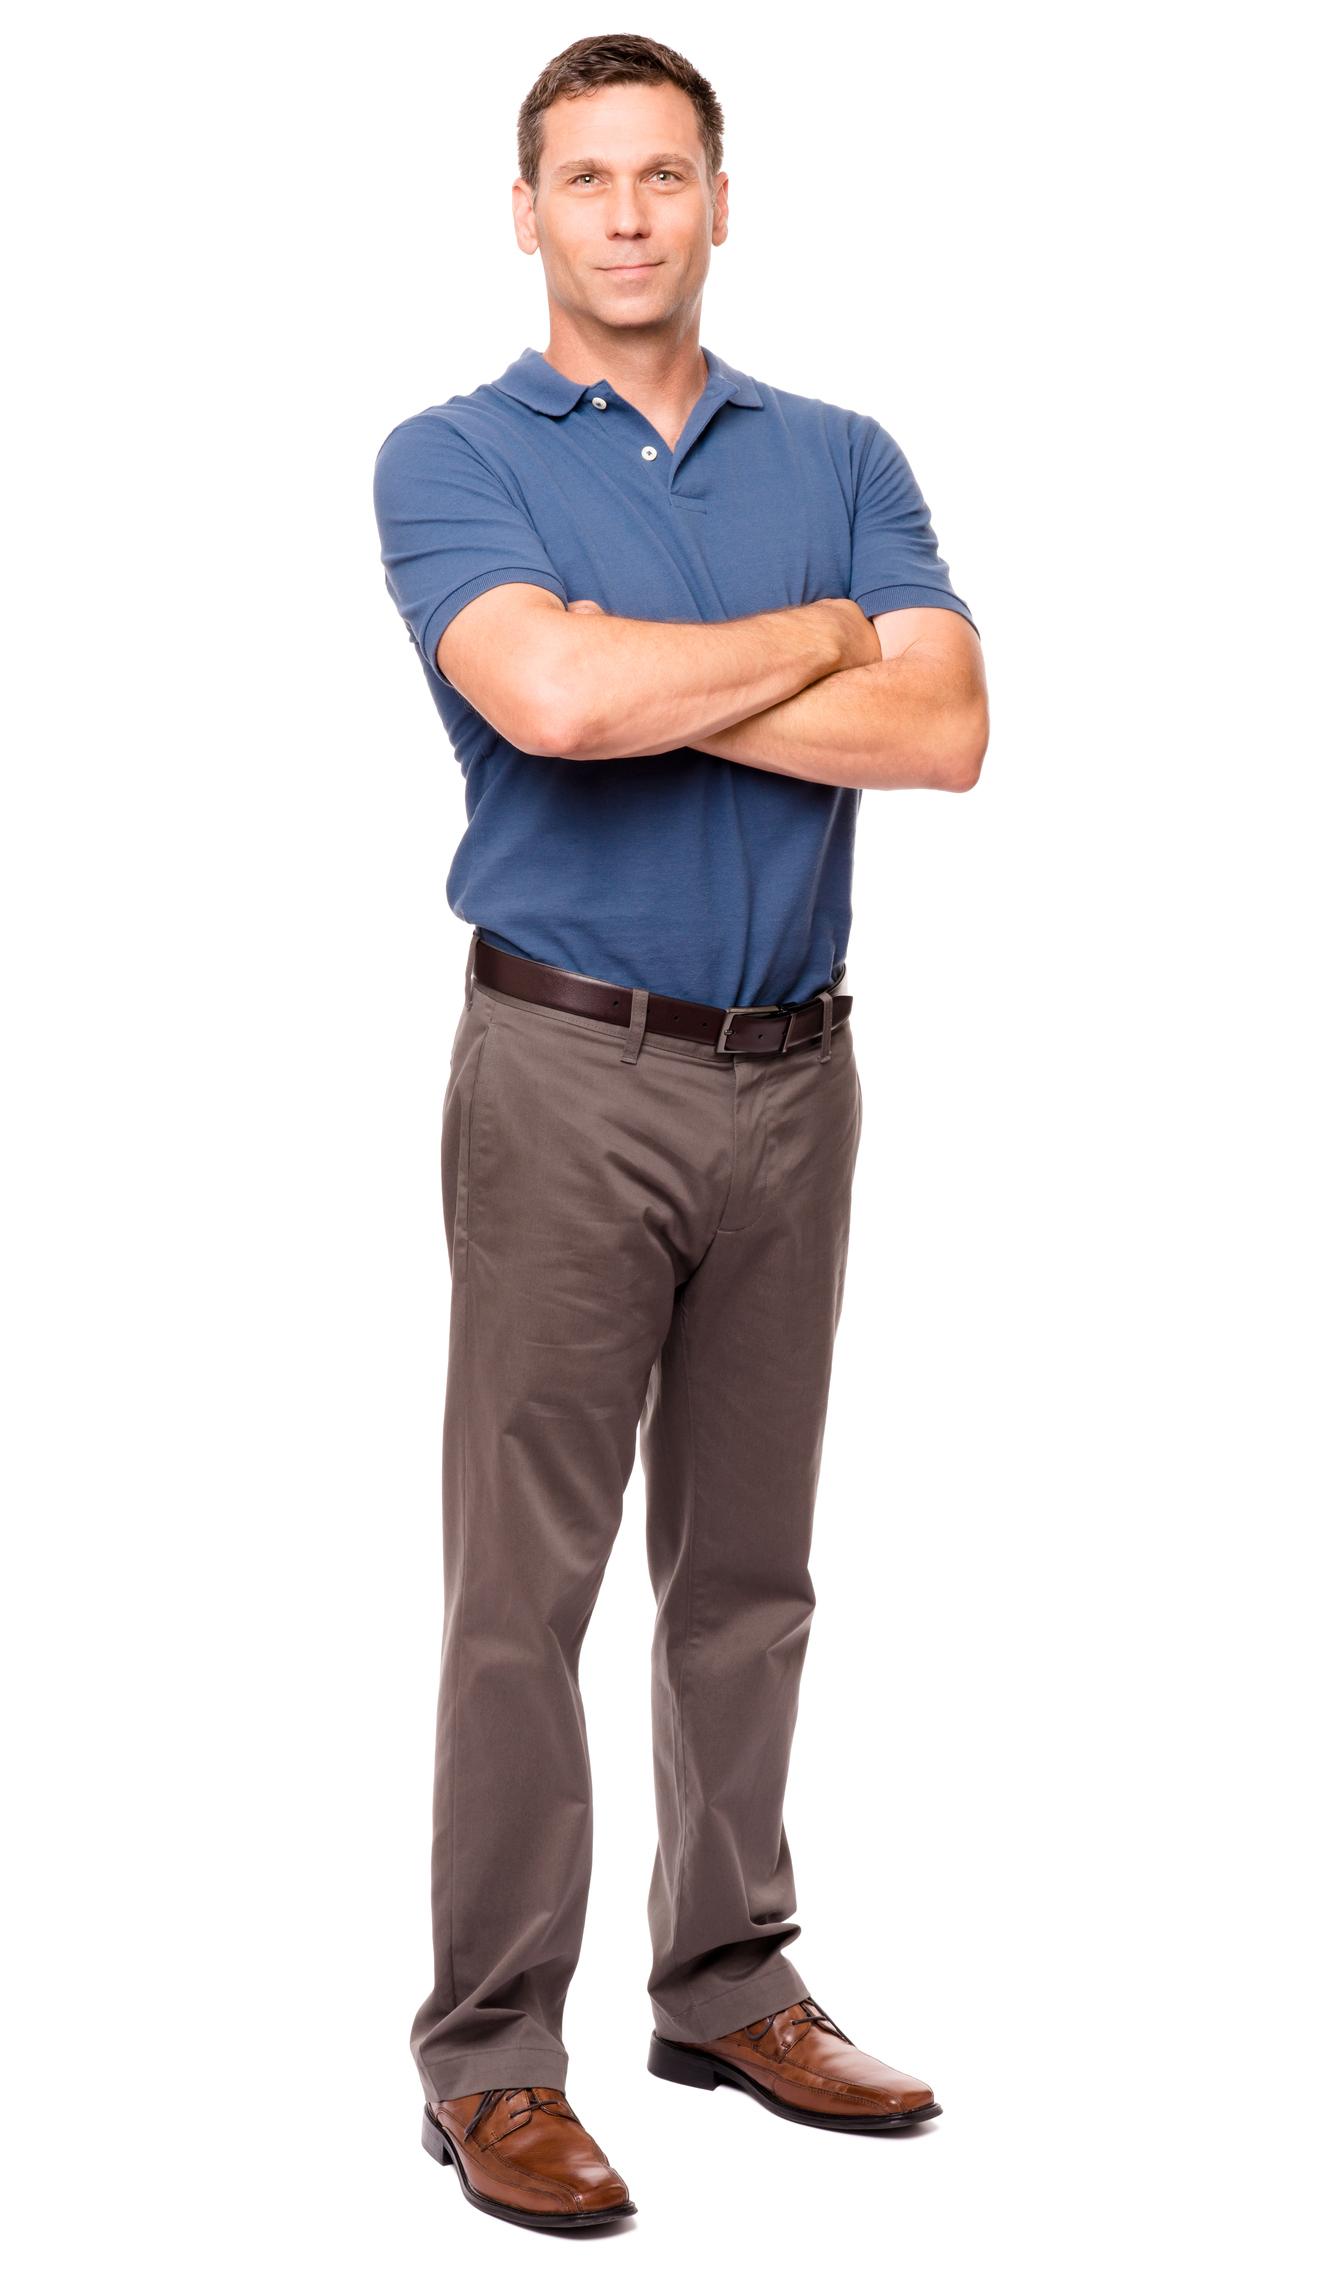 Няколко чифта панталони, които може да съчетавате с тениска или риза, когато не искате да сте елегантен, но трябва да имате по-сериозно излъчване.